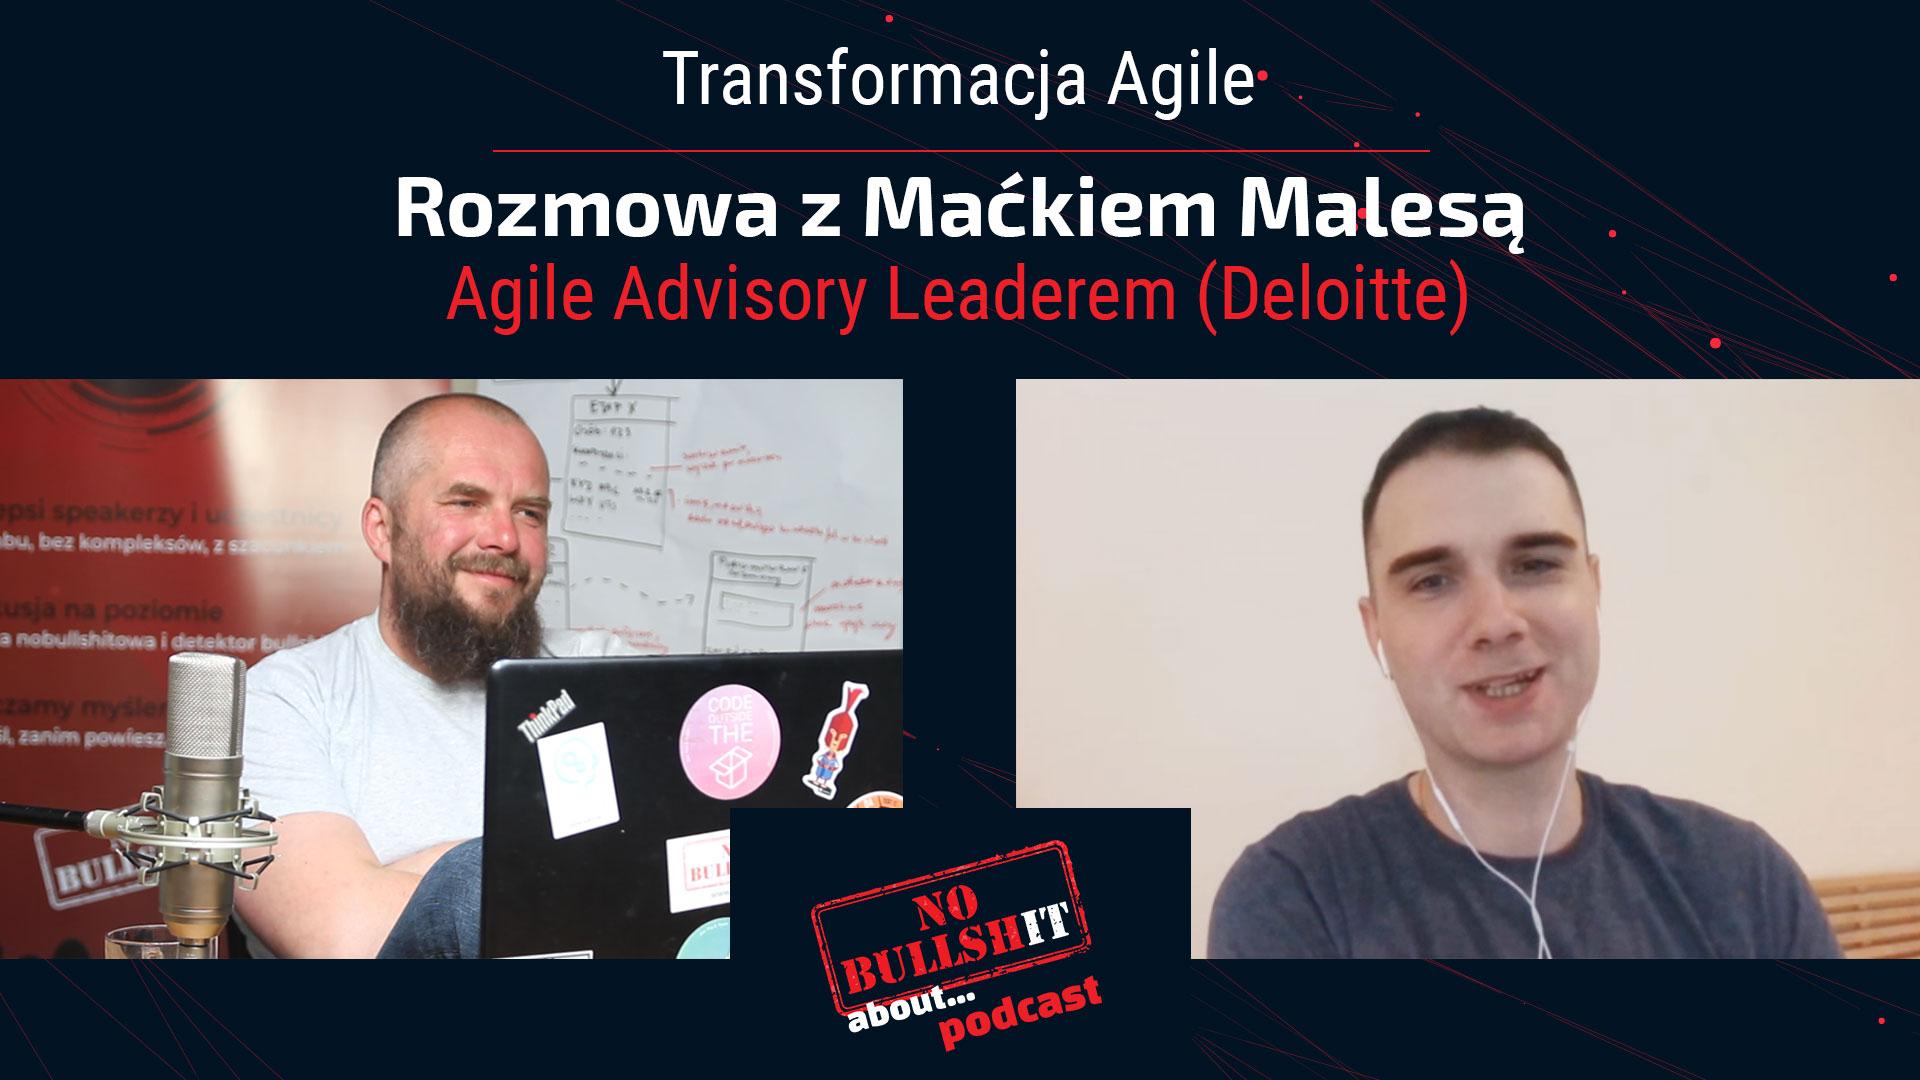 Transformacja Agile-NOBS Podcast zMackiem Malesa